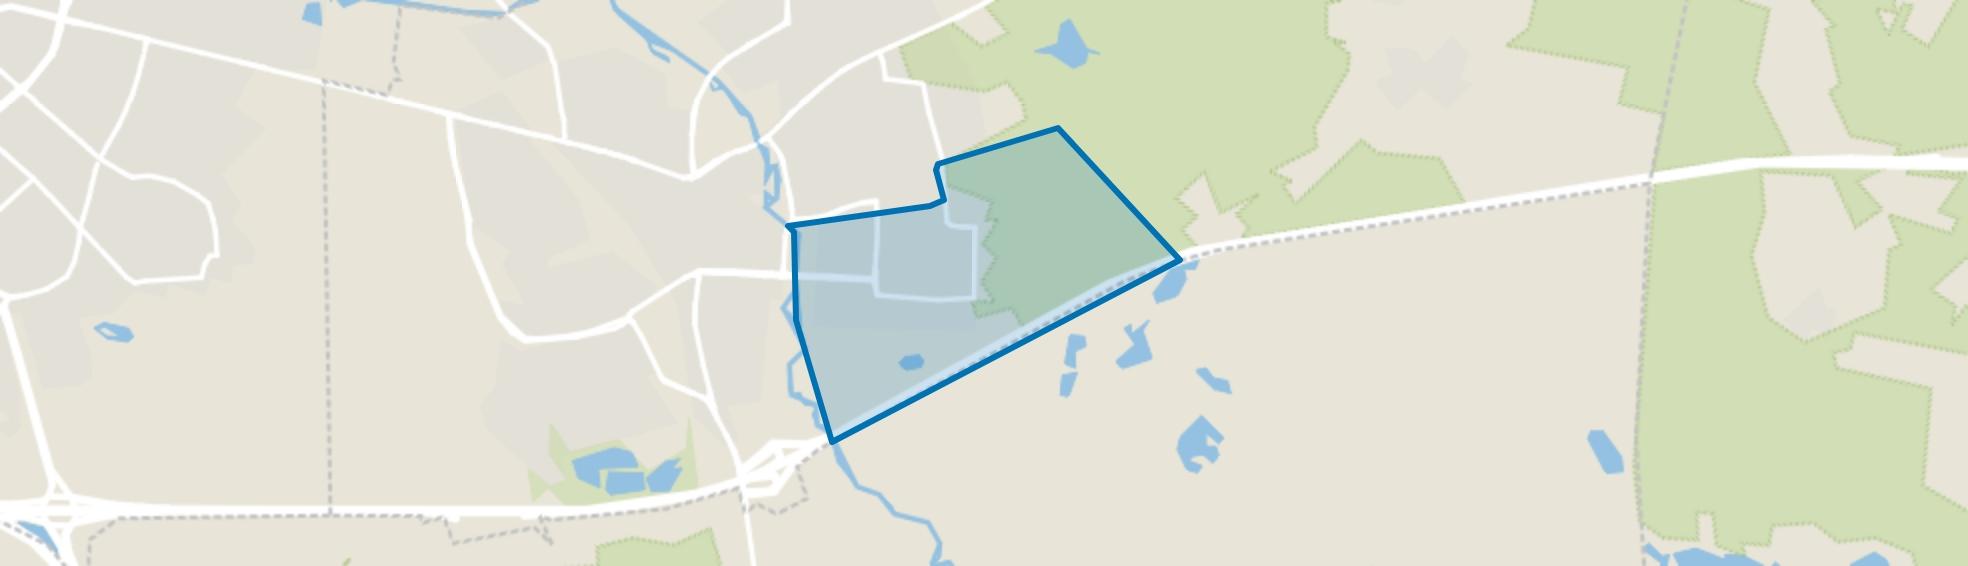 Coevering, Geldrop map